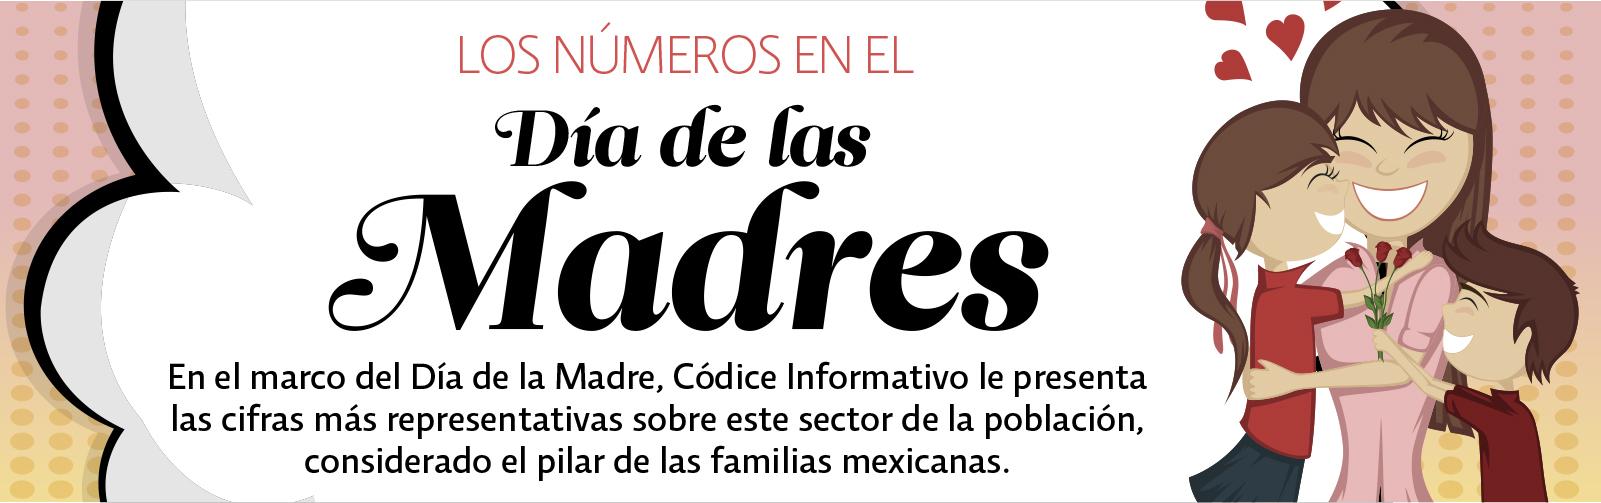 Los números en el Día de las Madres